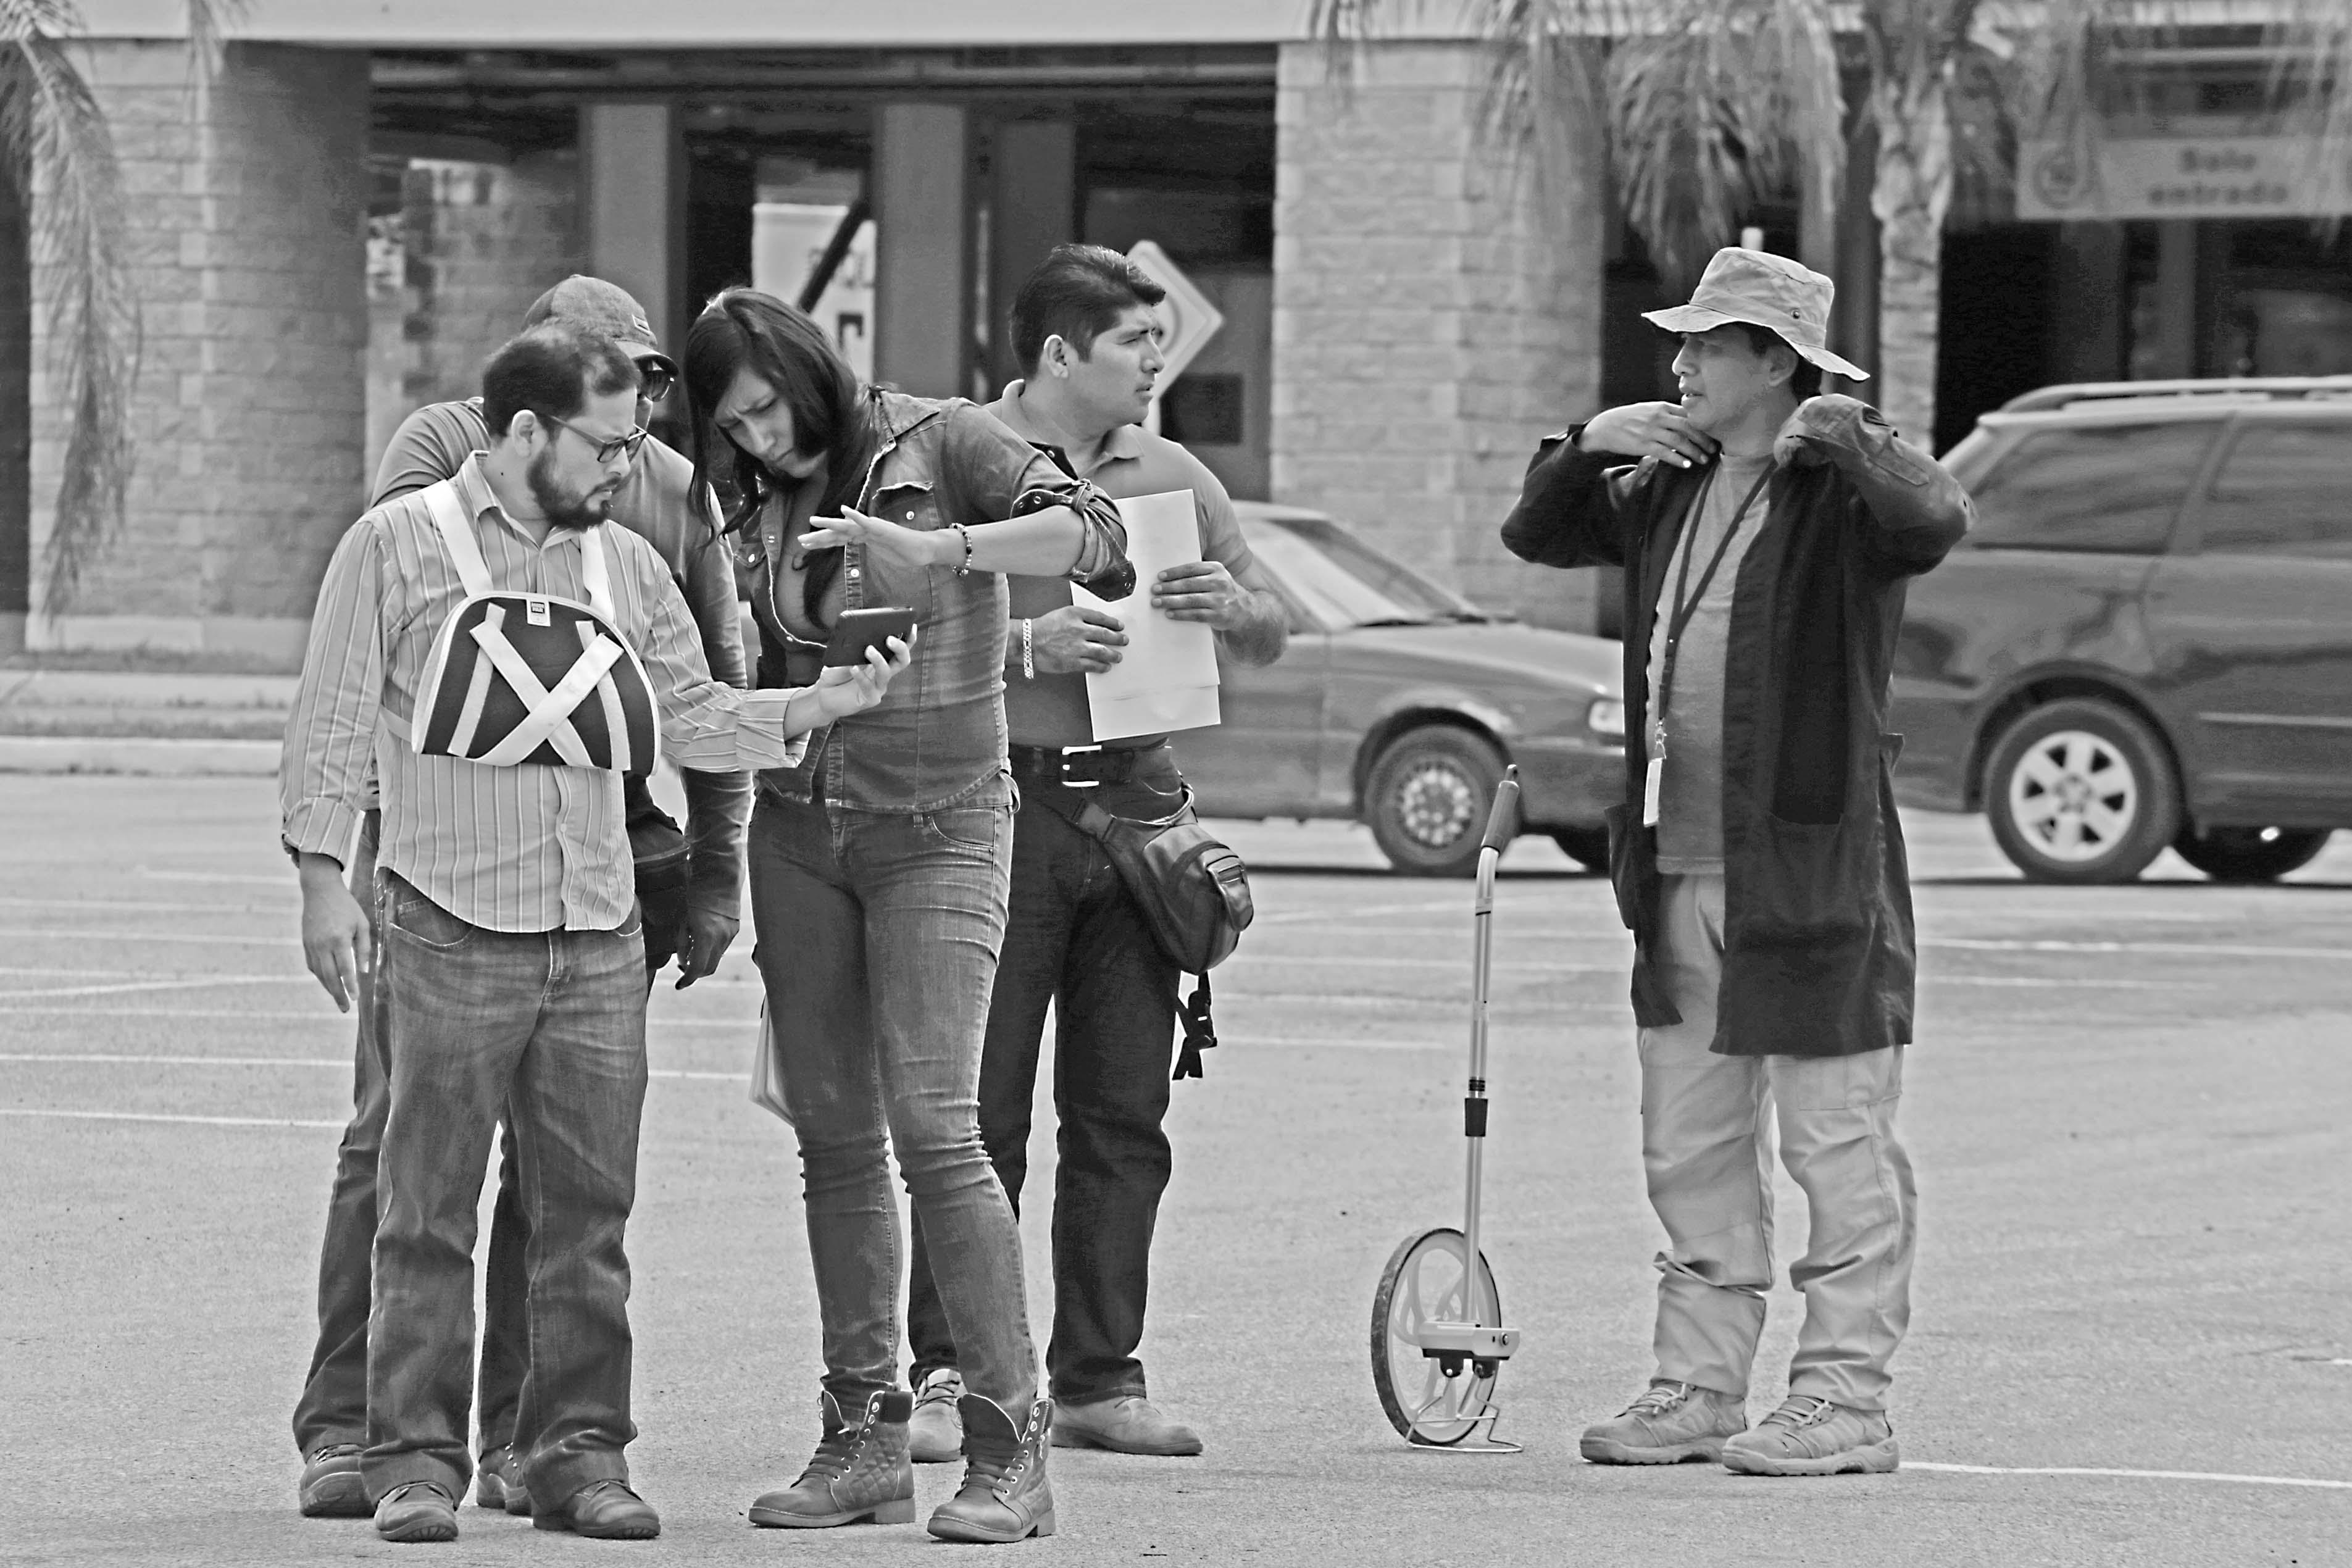 jnt-Alejandro-Guerrero-reconstruccion-ataque-corresponsal-Sur.jpg: Iguala, Guerrero 6 de septiembre del 2017//El corresponsal del Sur, Alejandro Guerrero, muestra a los peritos de la PGR,  el lugar de la agresión en el estacionamiento de la Plaza Tamarindos, donde realizaron la reconstrucción del ataque donde fue embestido por un automóvil. Foto: Jessica Torres Barrera